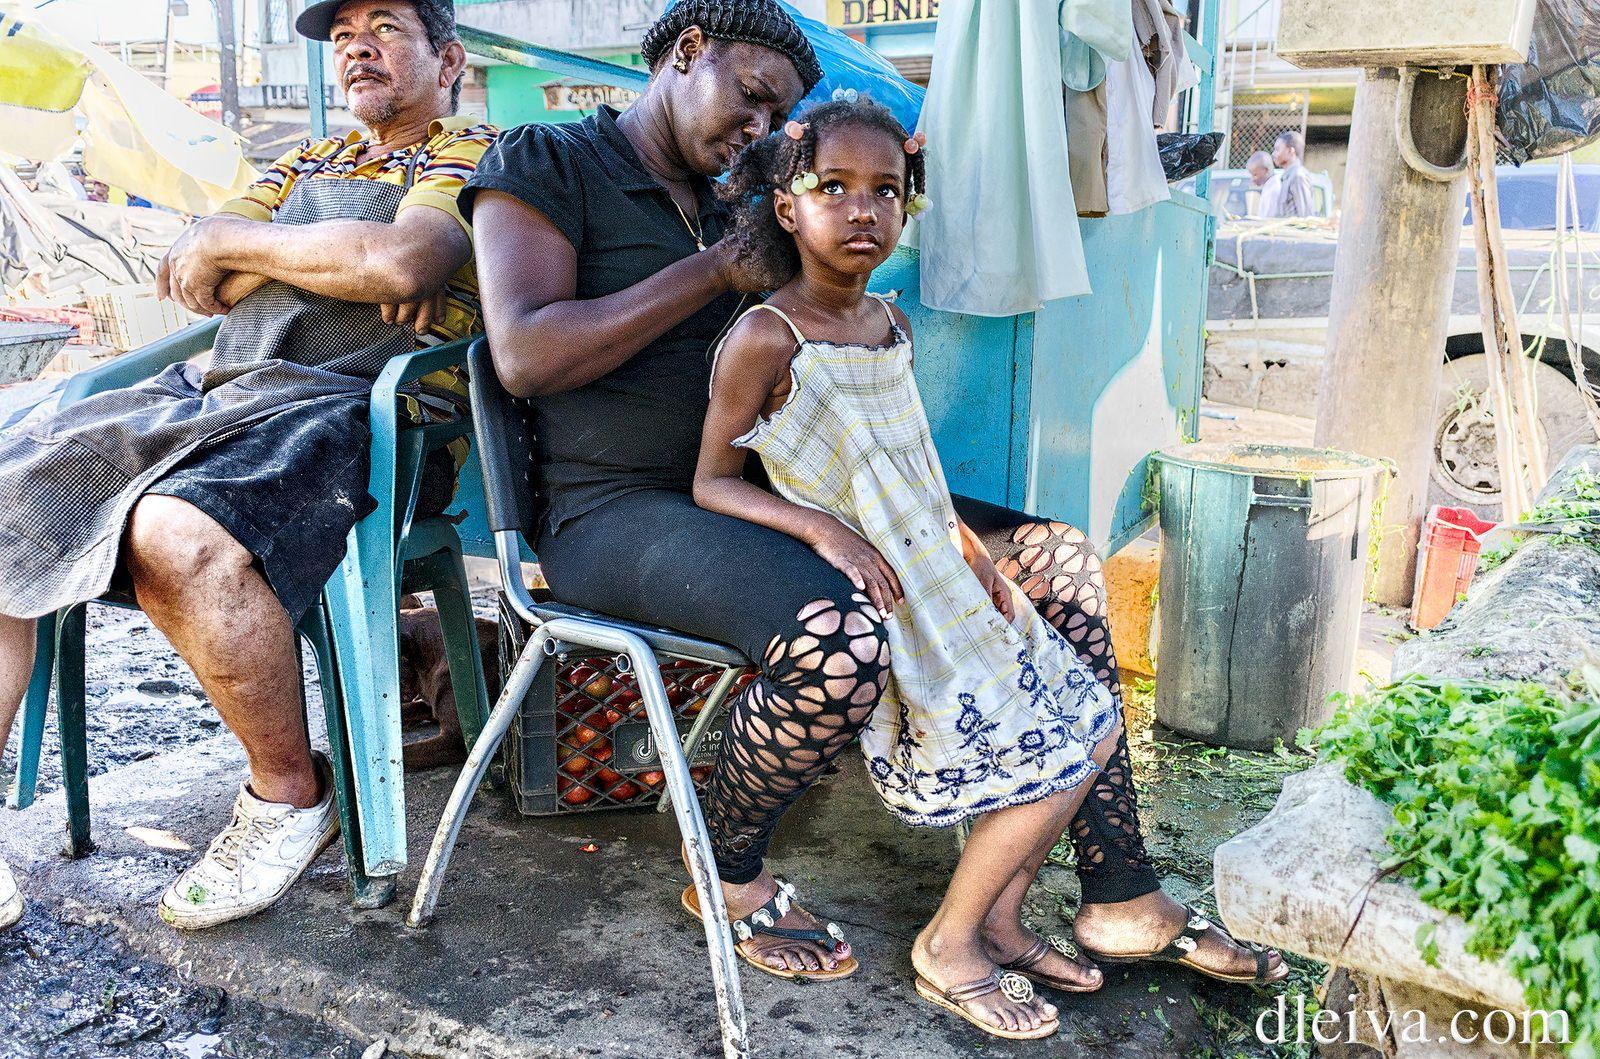 Por El Nuevo Mercado De La Avenida Duarte Santo Domingo Republica Dominicana Street Photography Photography Women